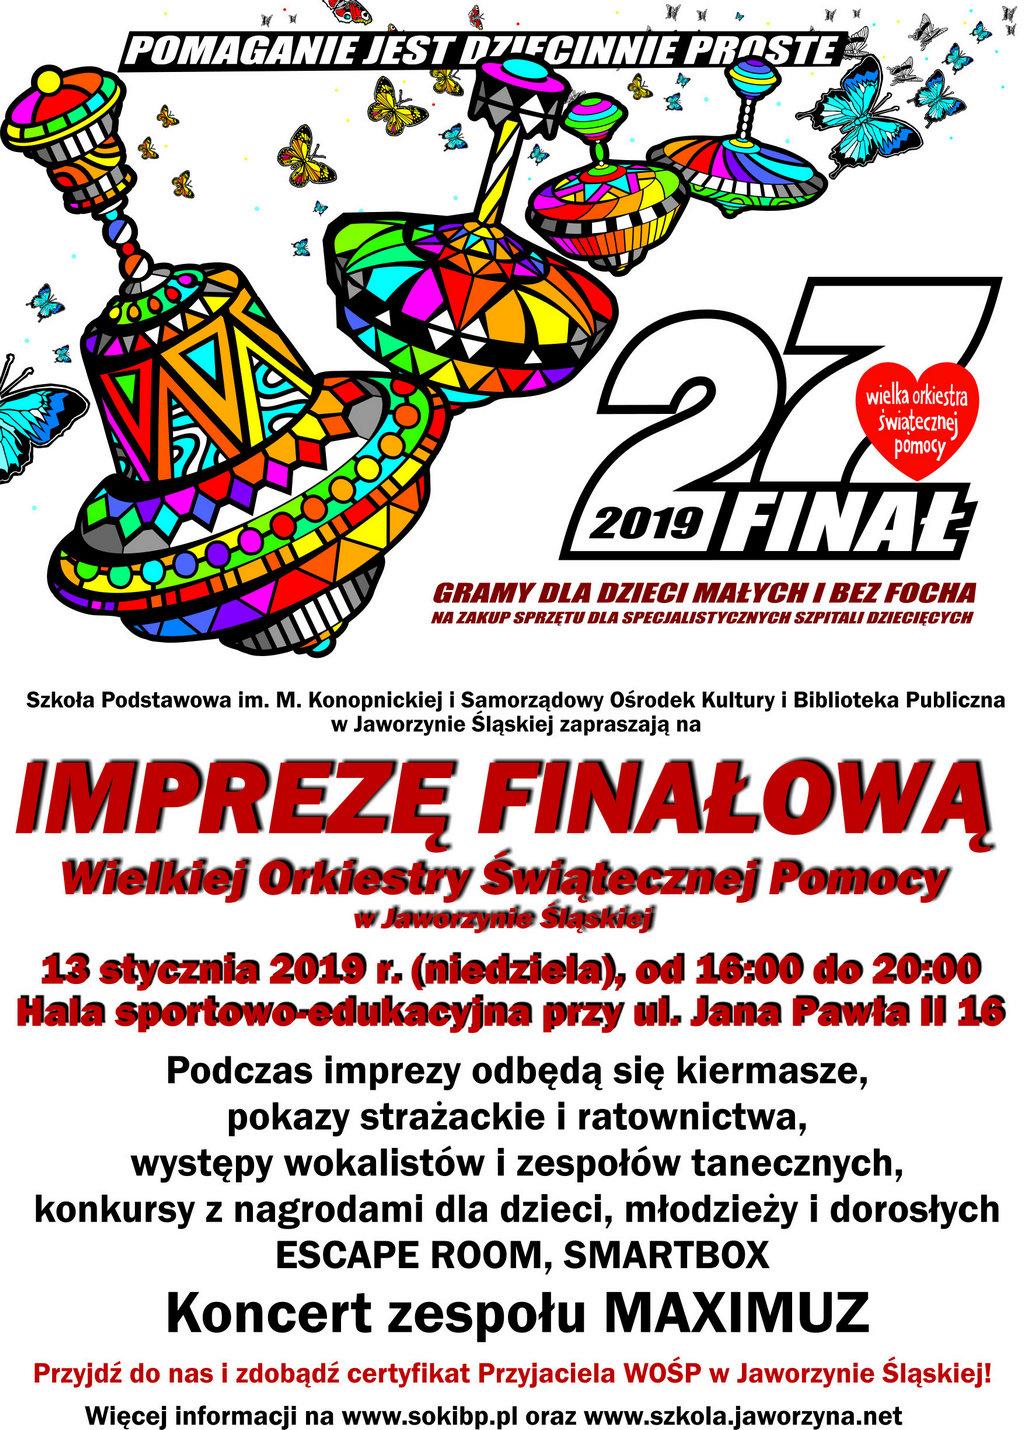 27 Finał Wośp W Jaworzynie śląskiej Samorządowy Ośrodek Kultury I